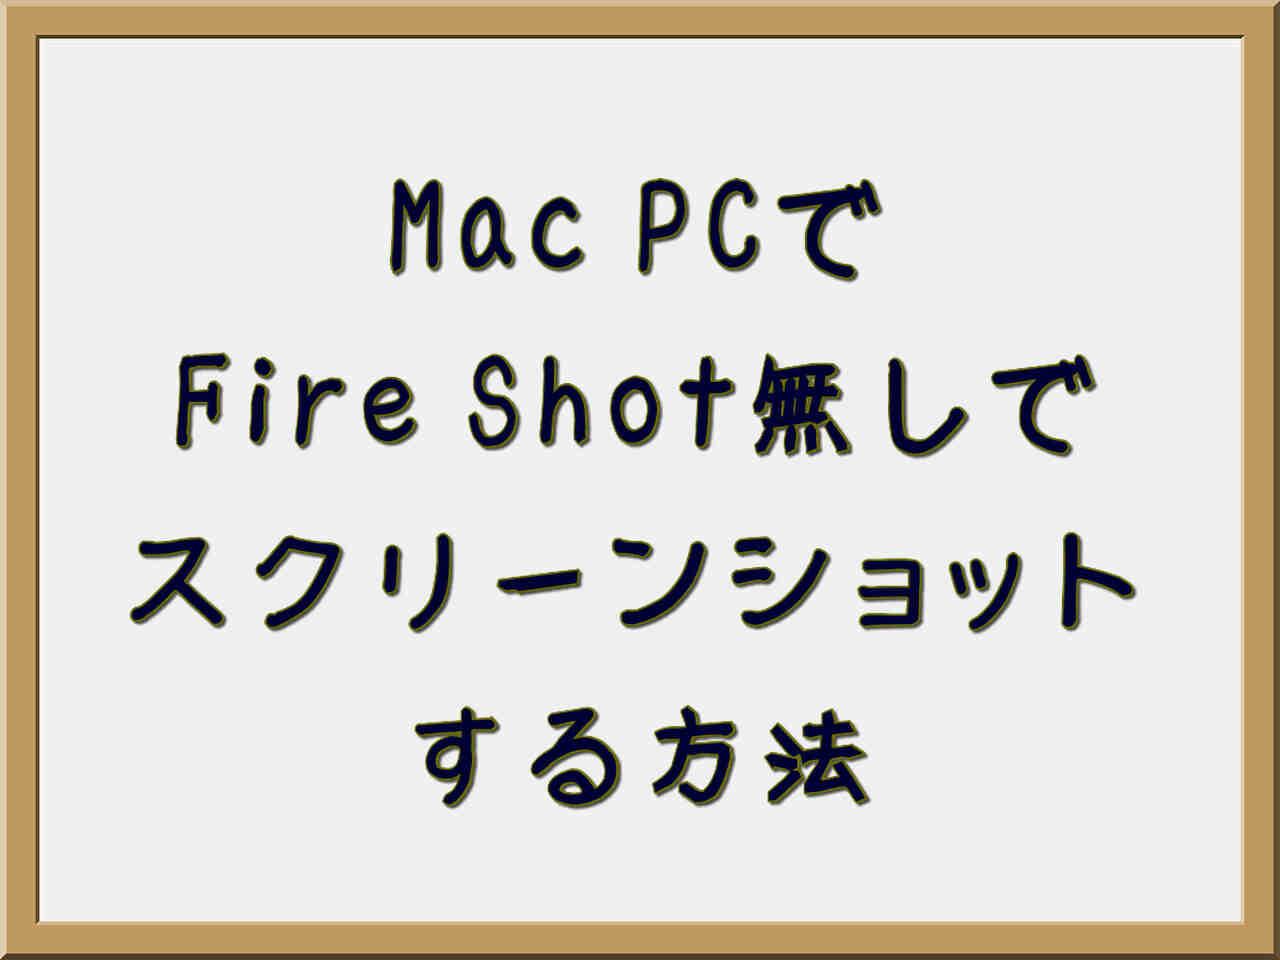 Mac PCでFire Shot無しでスクリーンショットする方法